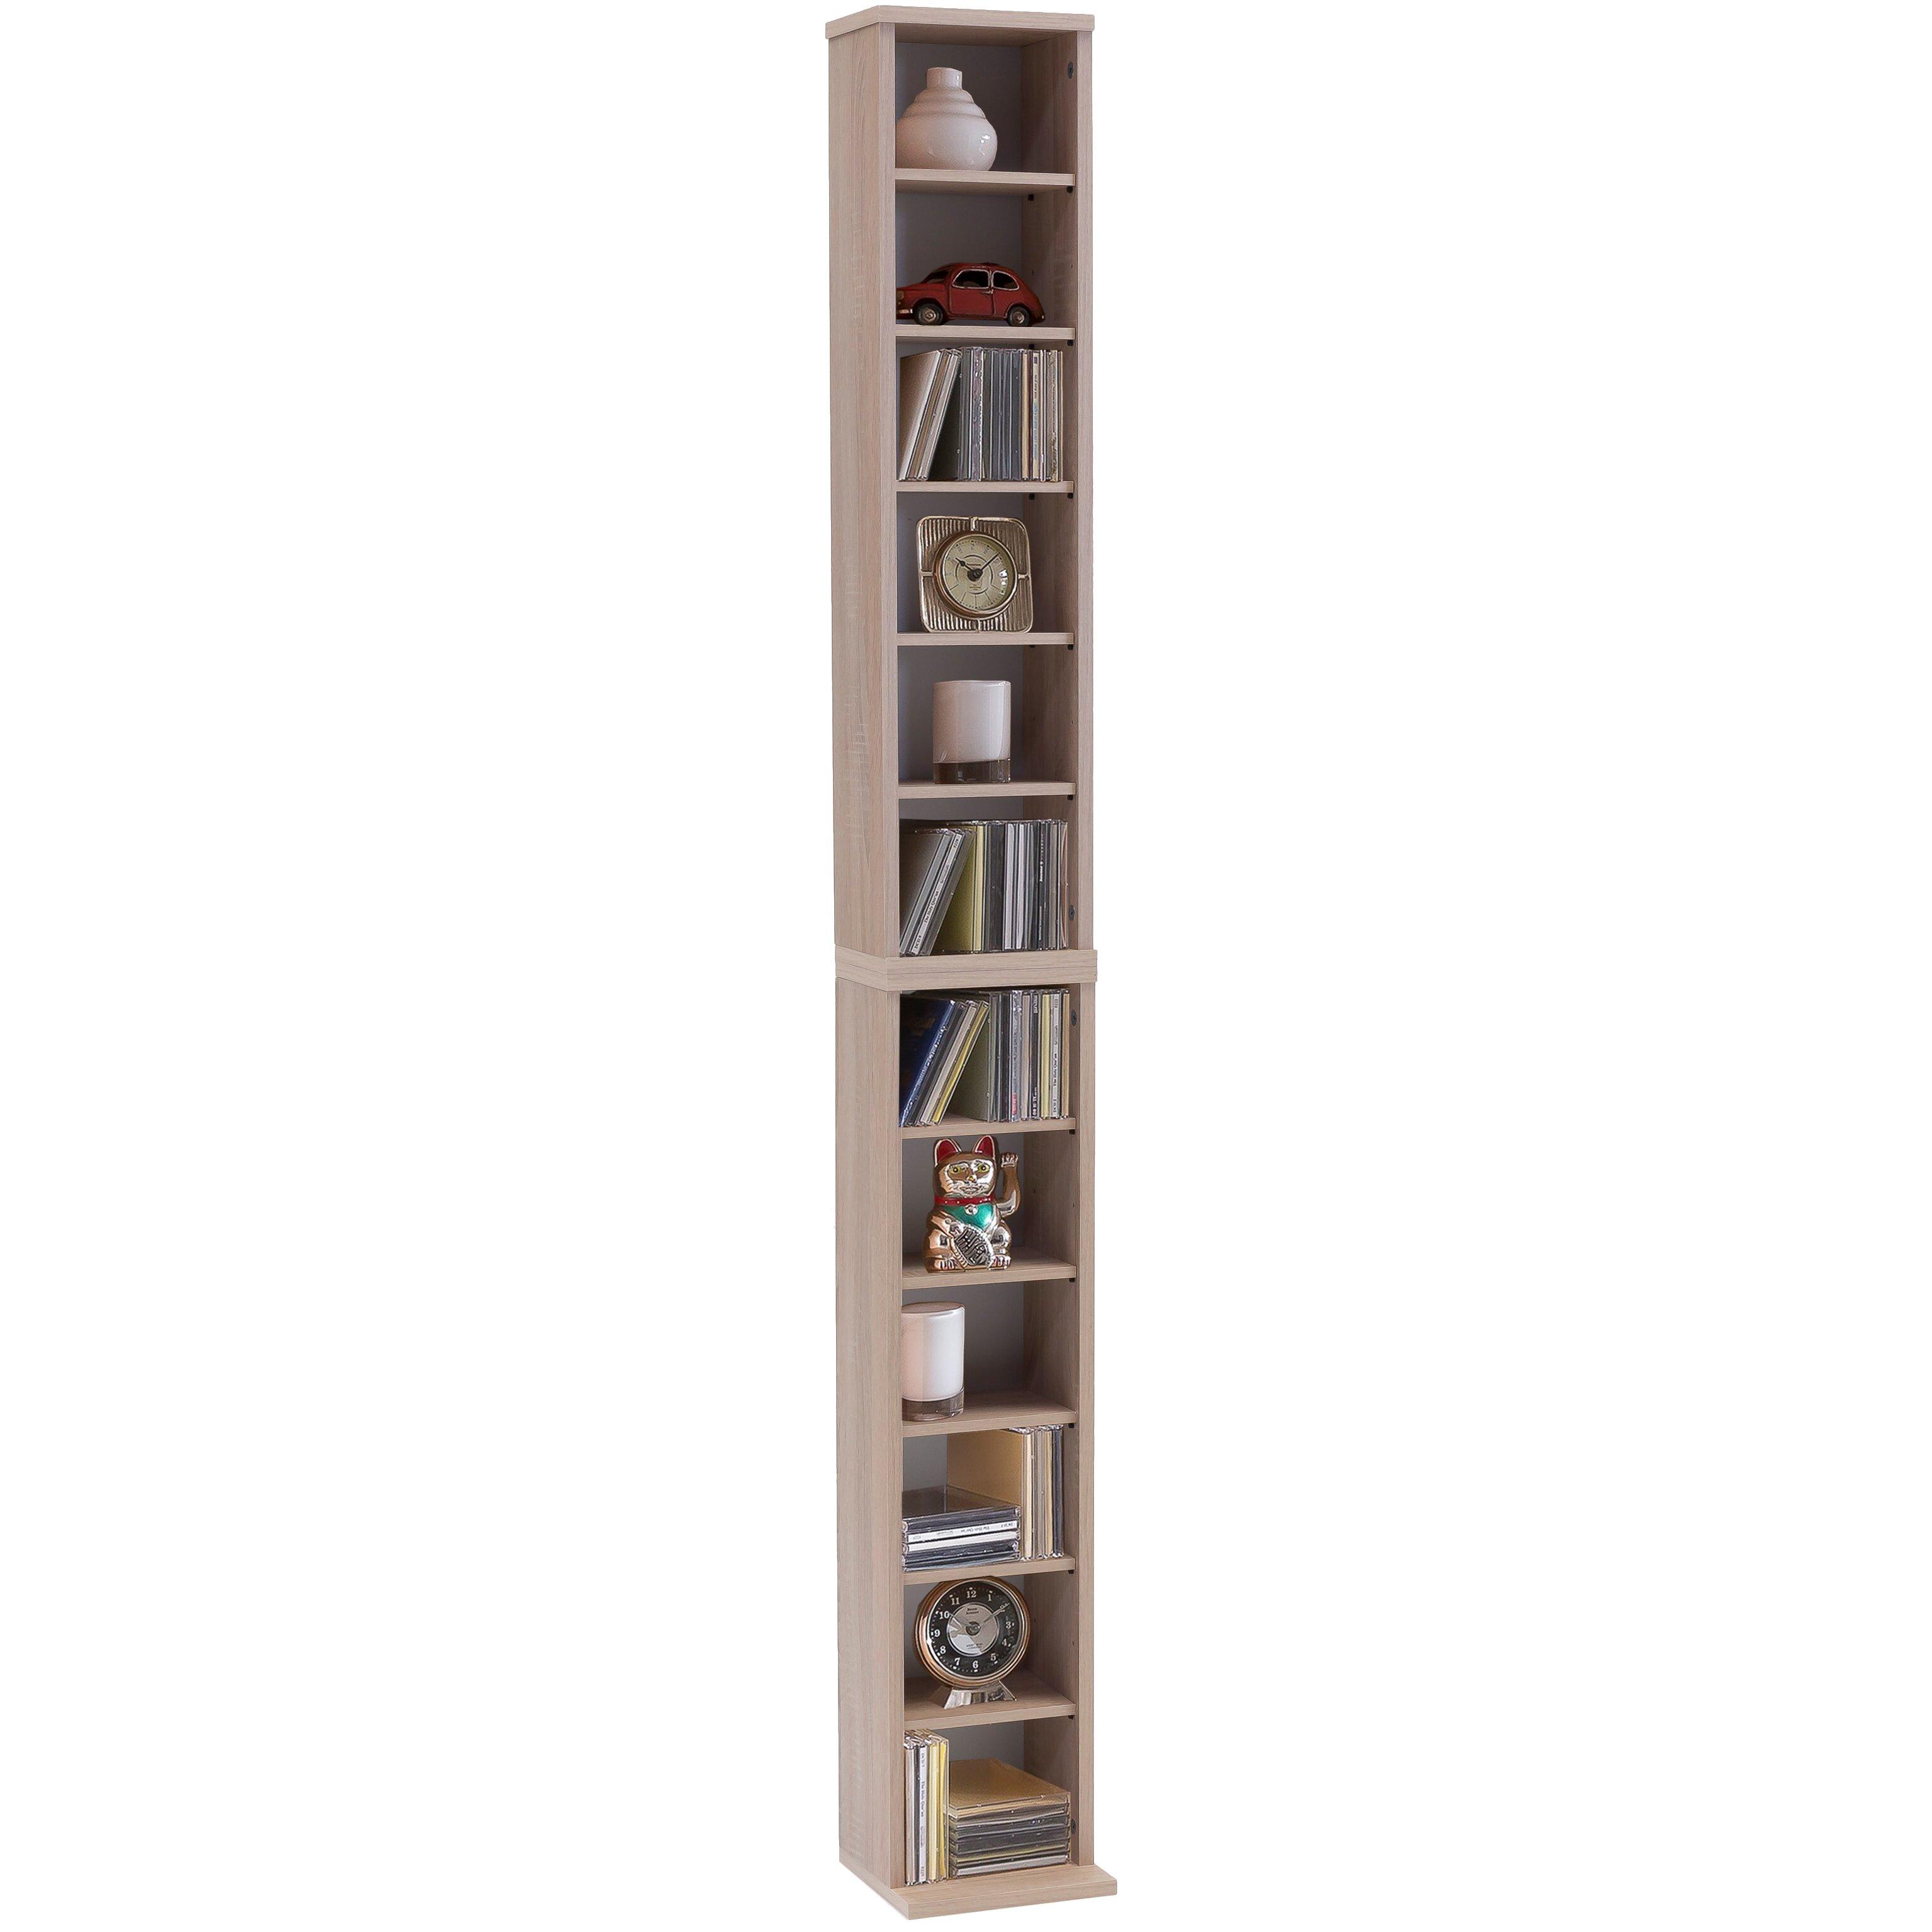 vcm bigol cd shelf reviews wayfair uk. Black Bedroom Furniture Sets. Home Design Ideas